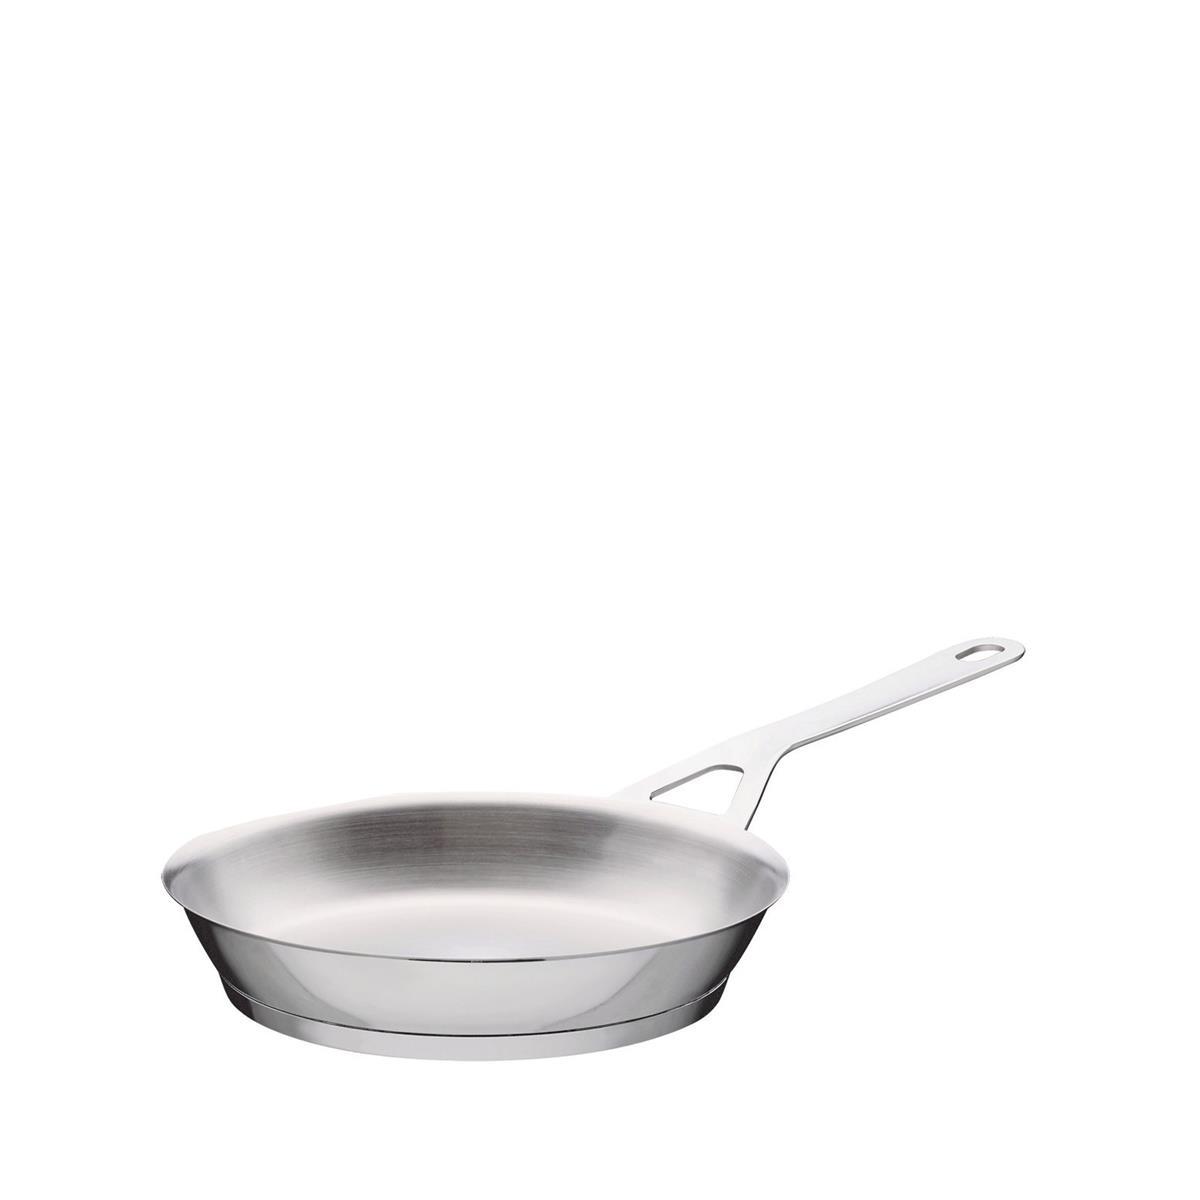 Alessi-Pots & Pans Bratpfanne aus poliertem Edelstahl 18/10, geeignet für die Induktion